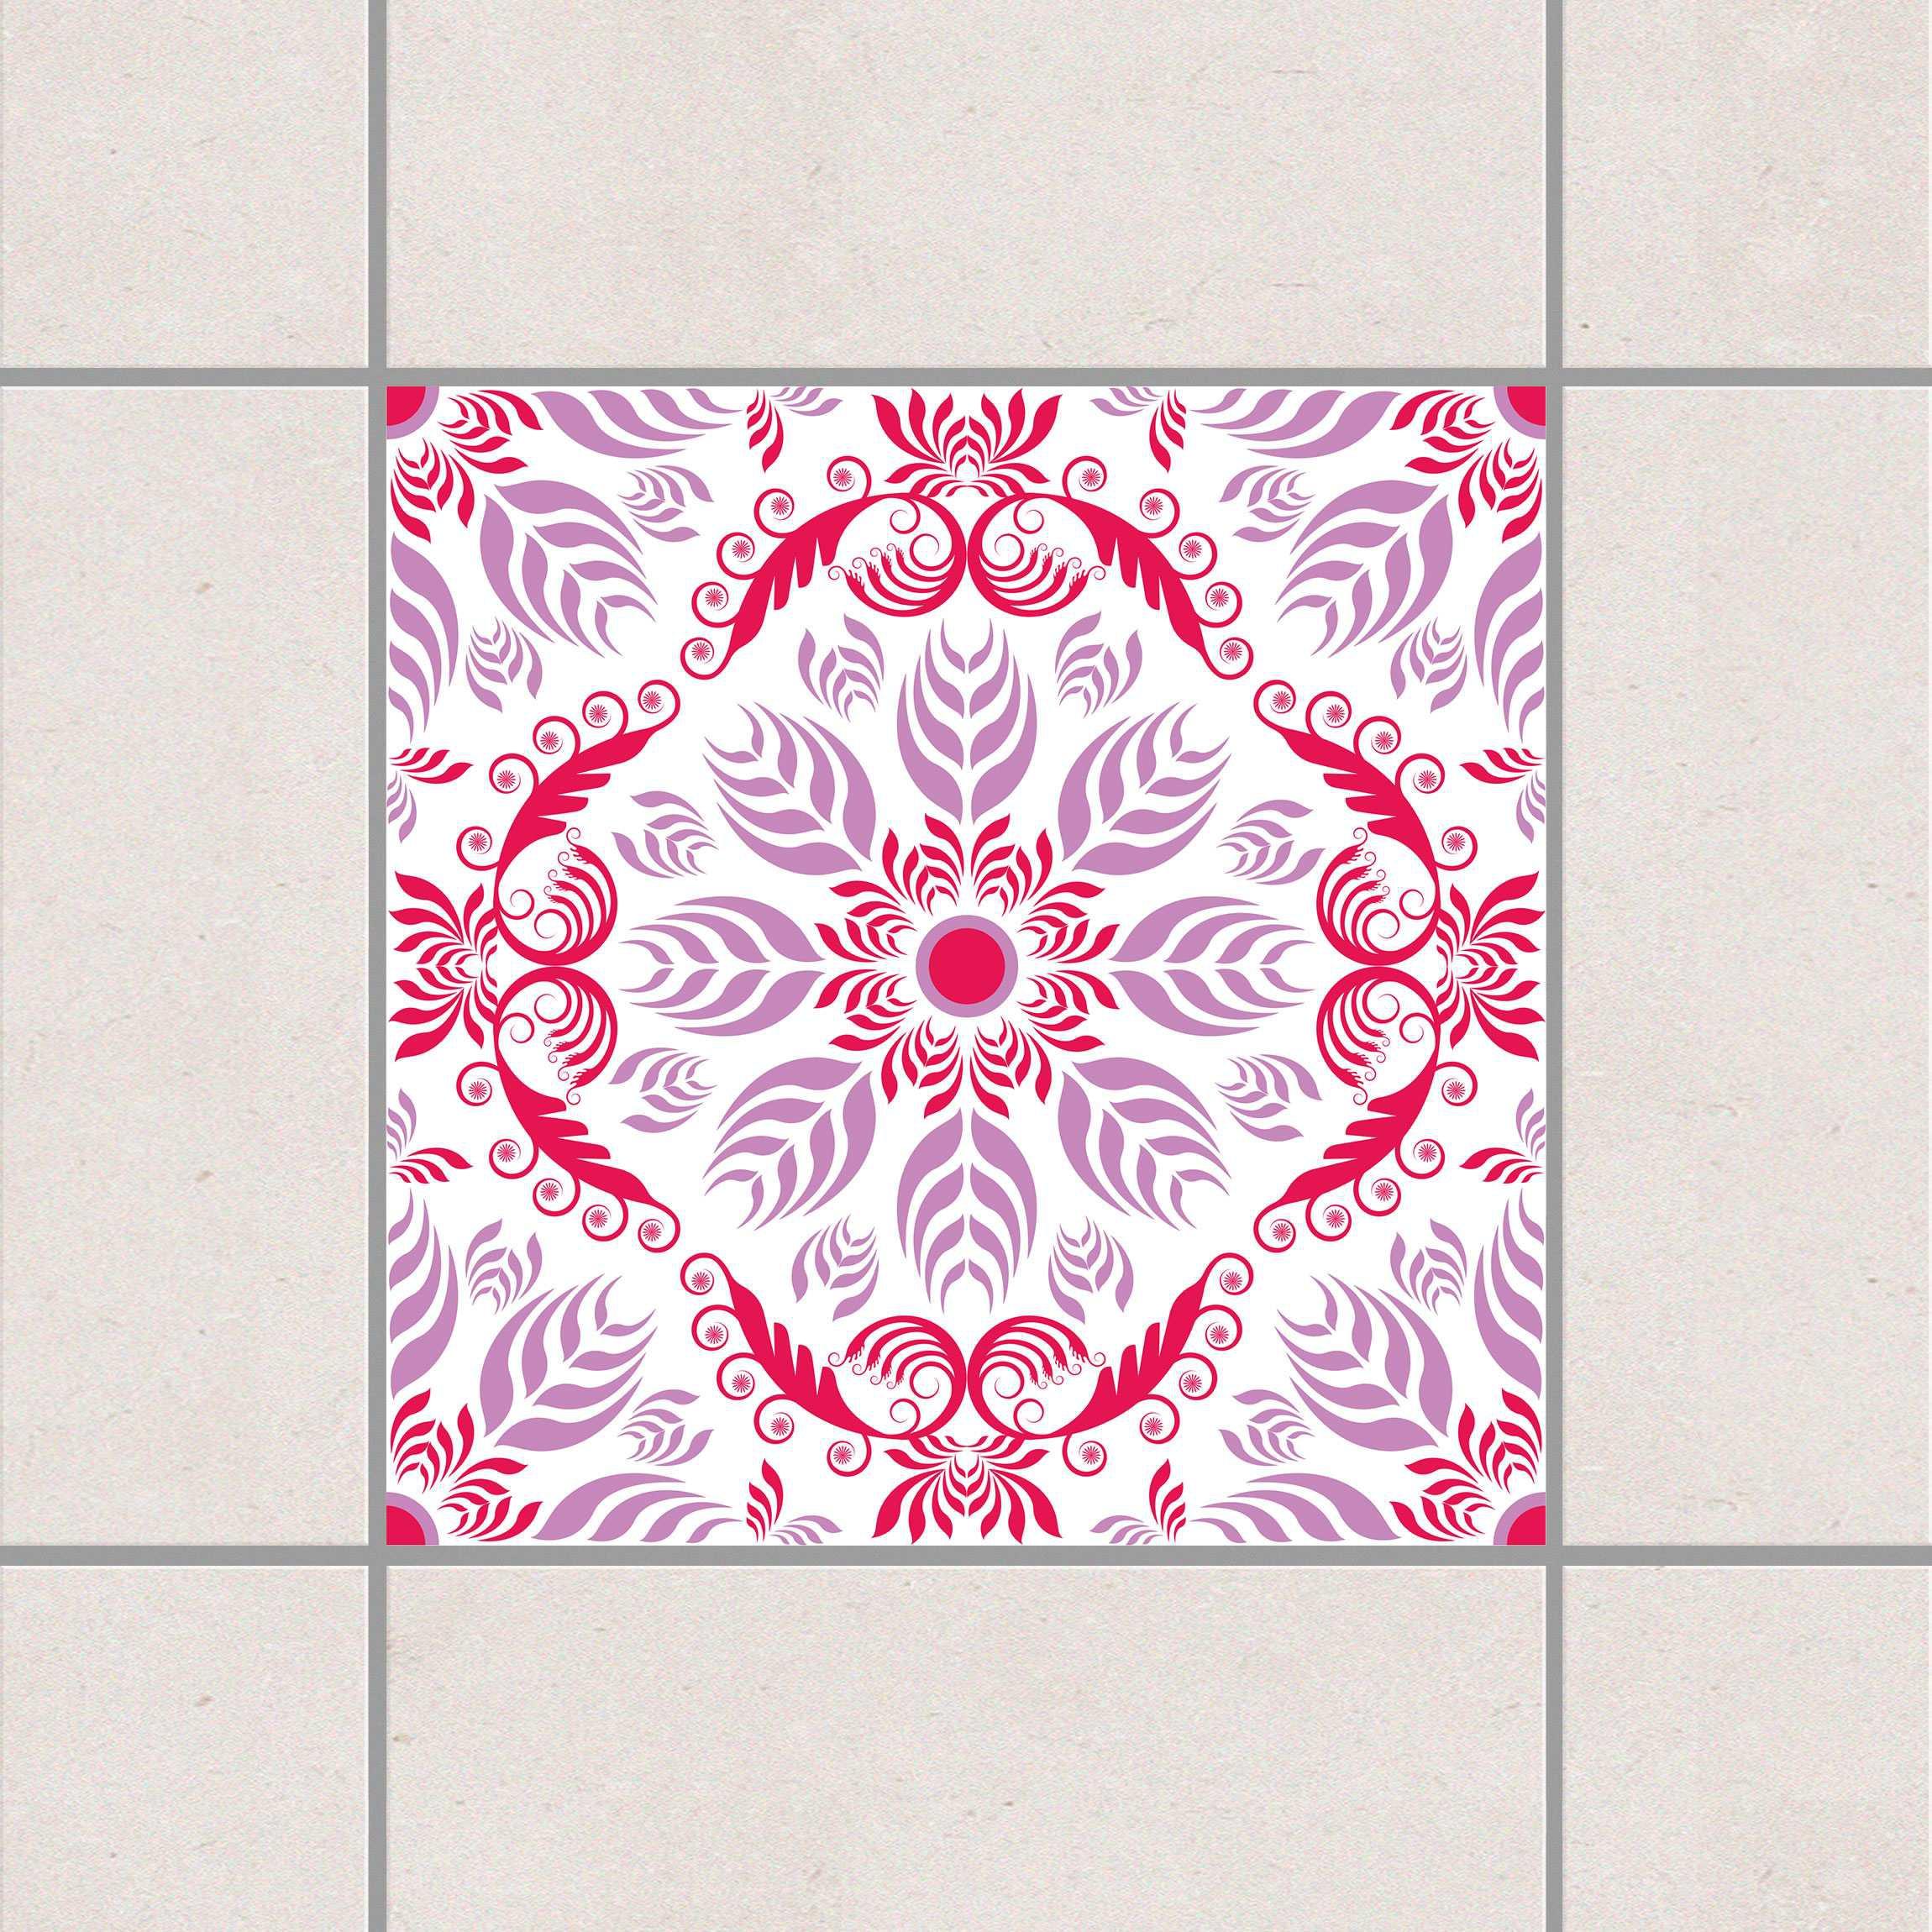 Fliesenaufkleber rosamunde 15x15 cm fliesensticker set for Fliesenaufkleber 15x15